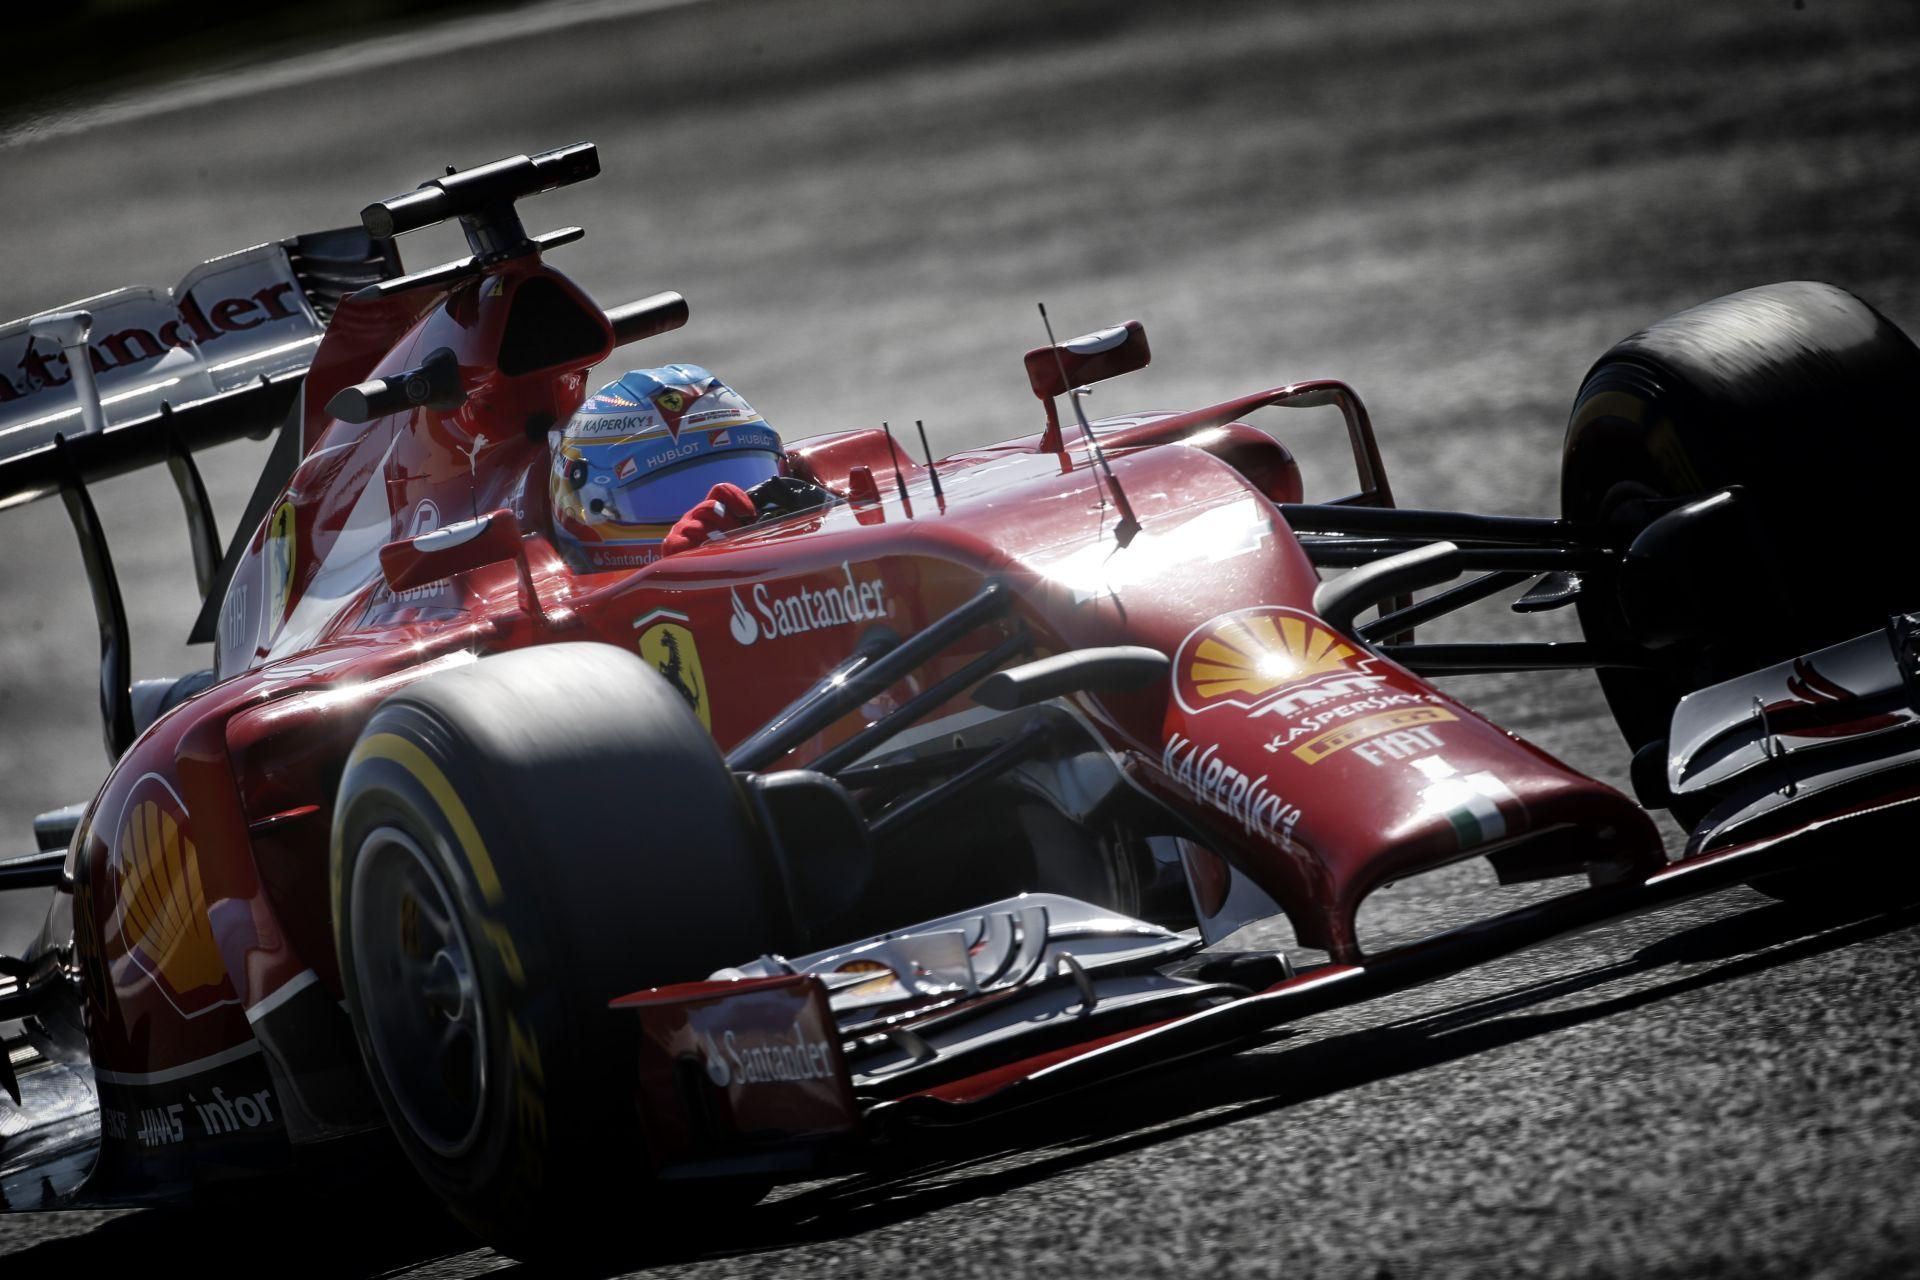 Ha jövőre sem lesz elég jó a Ferrari, Alonso távozhat Maranellóból